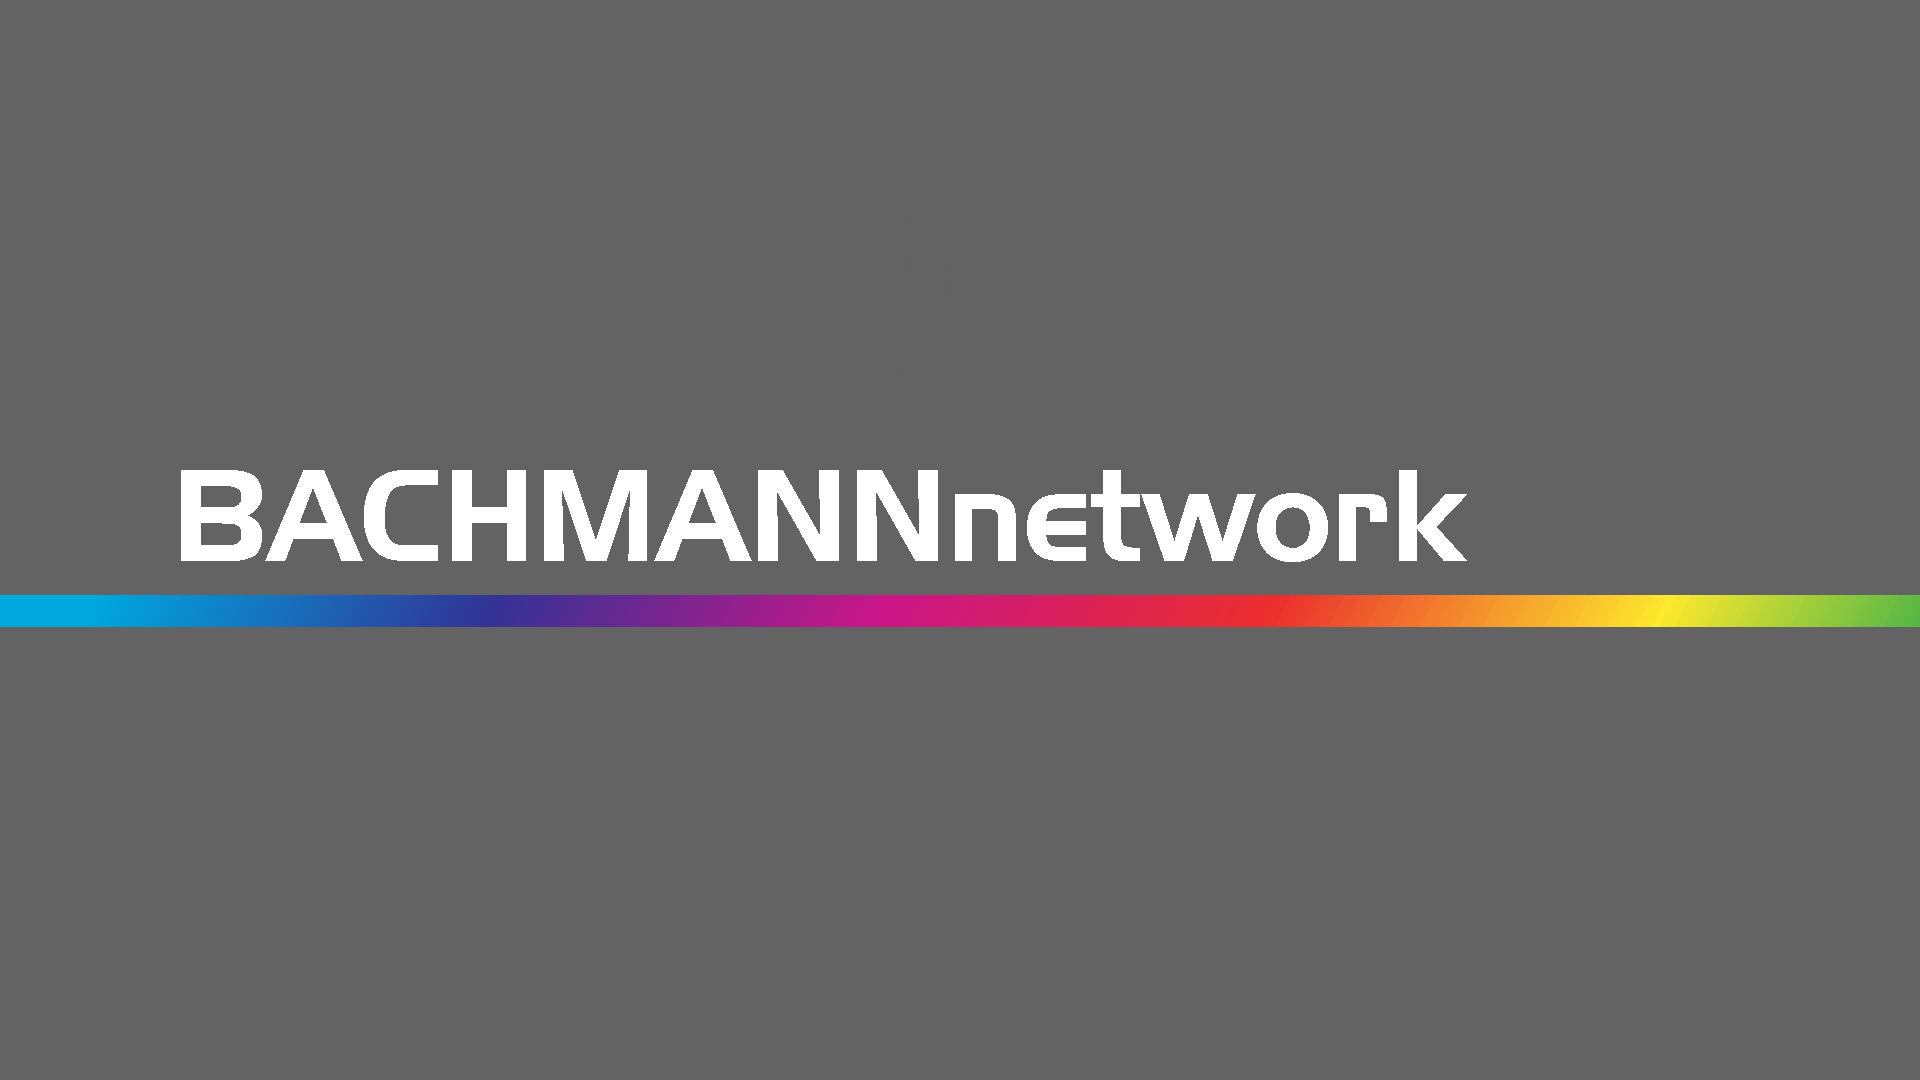 Bachmann Network